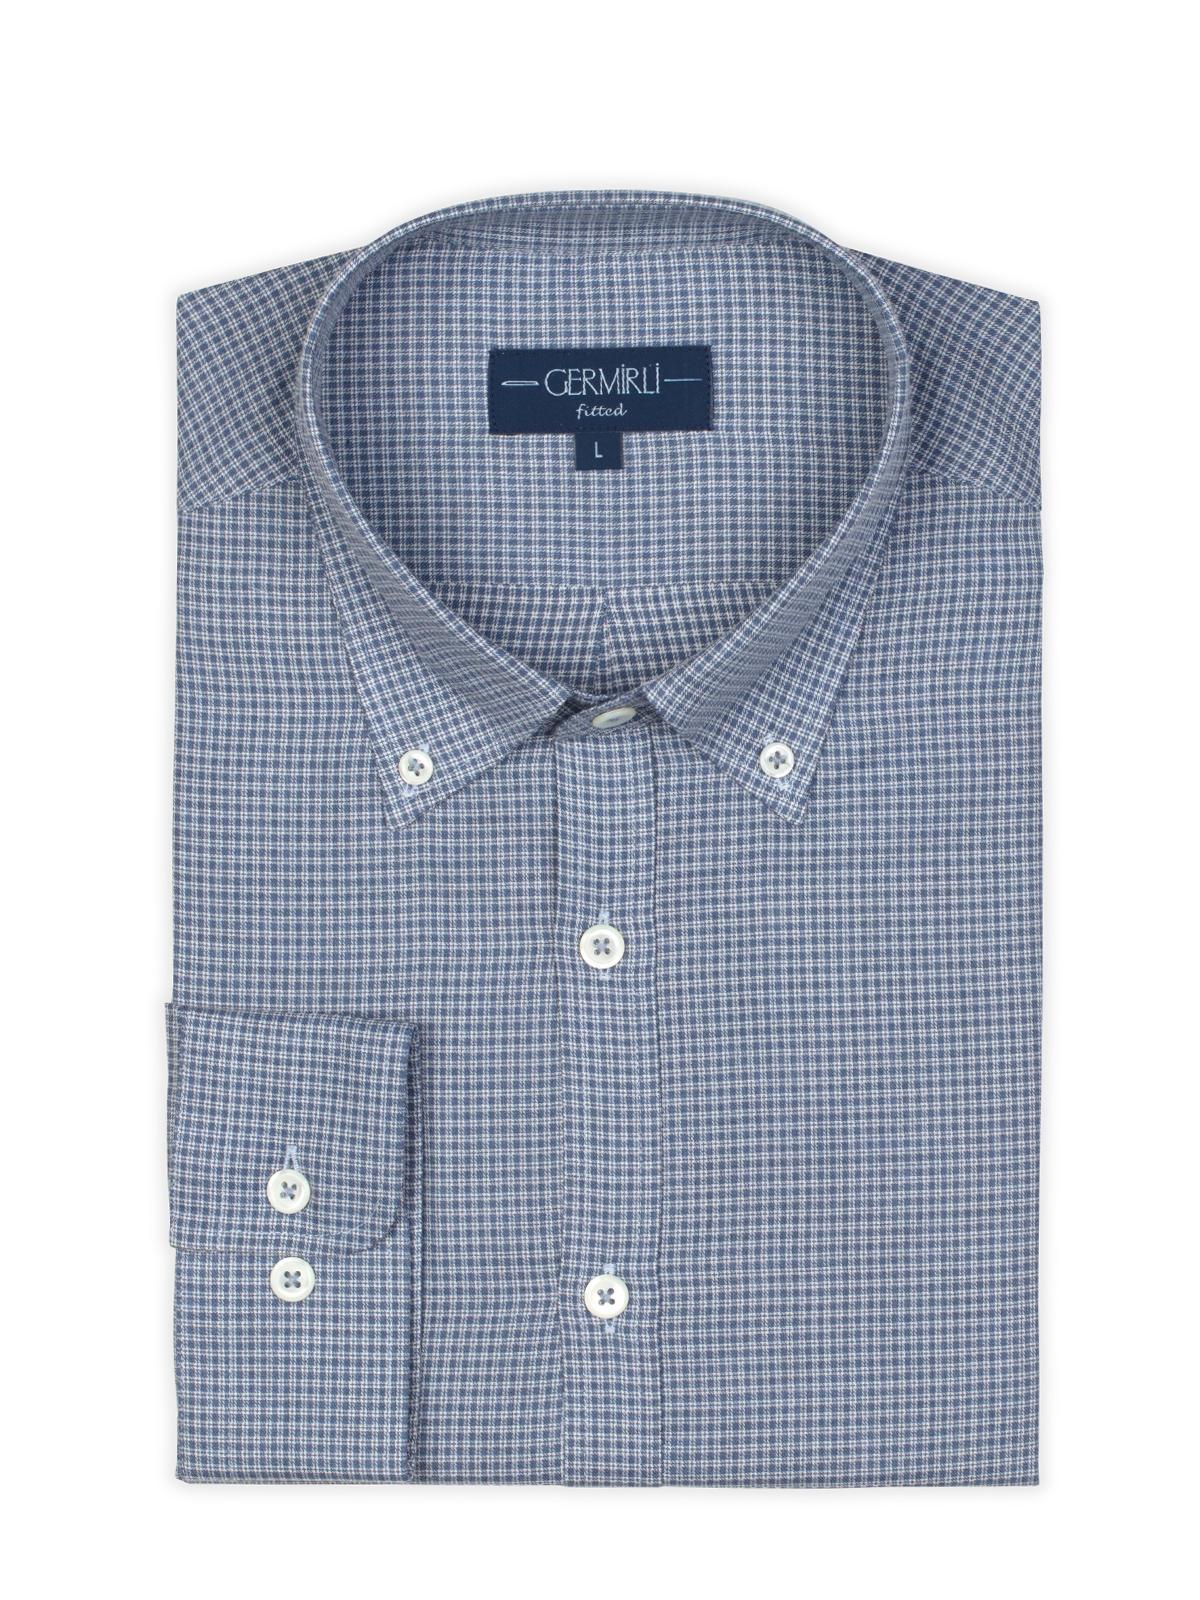 Germirli Mavi Küçük Desenli Düğmeli Yaka Tailor Fit Gömlek